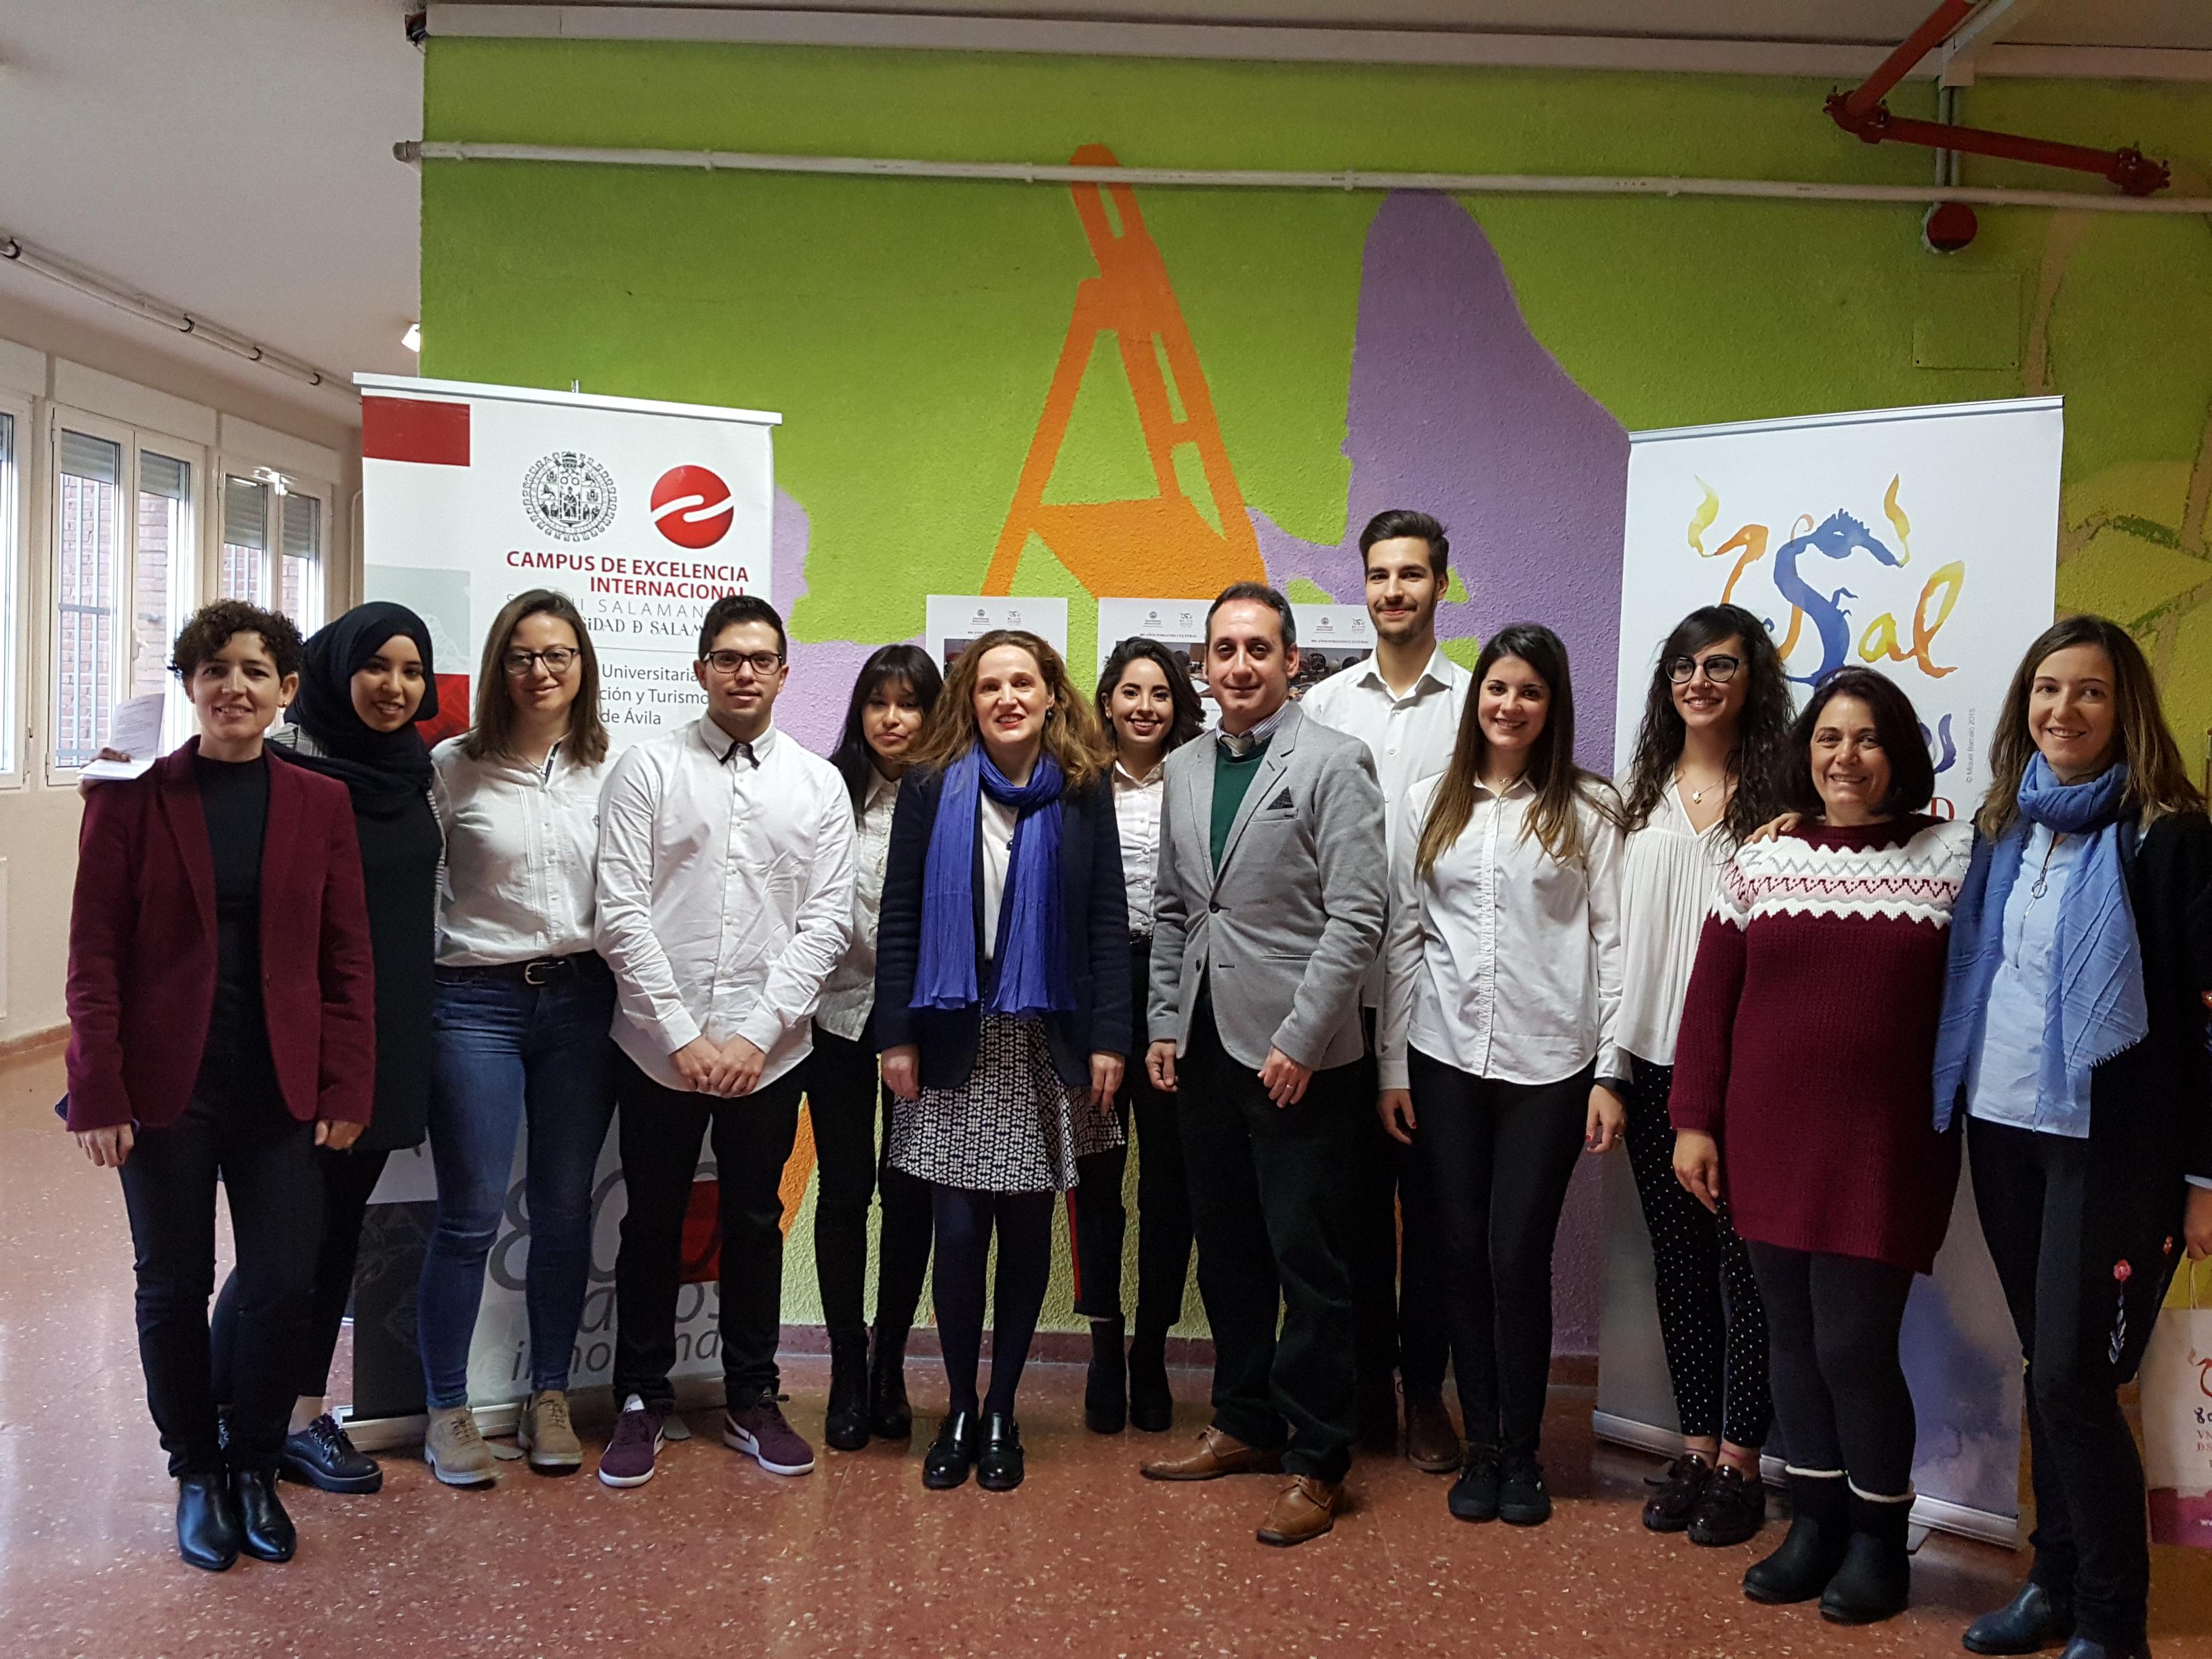 Rueda de prensa: El II Congreso Internacional de Investigación en Educación inicia sus sesiones en la Escuela de Educación de Ávila